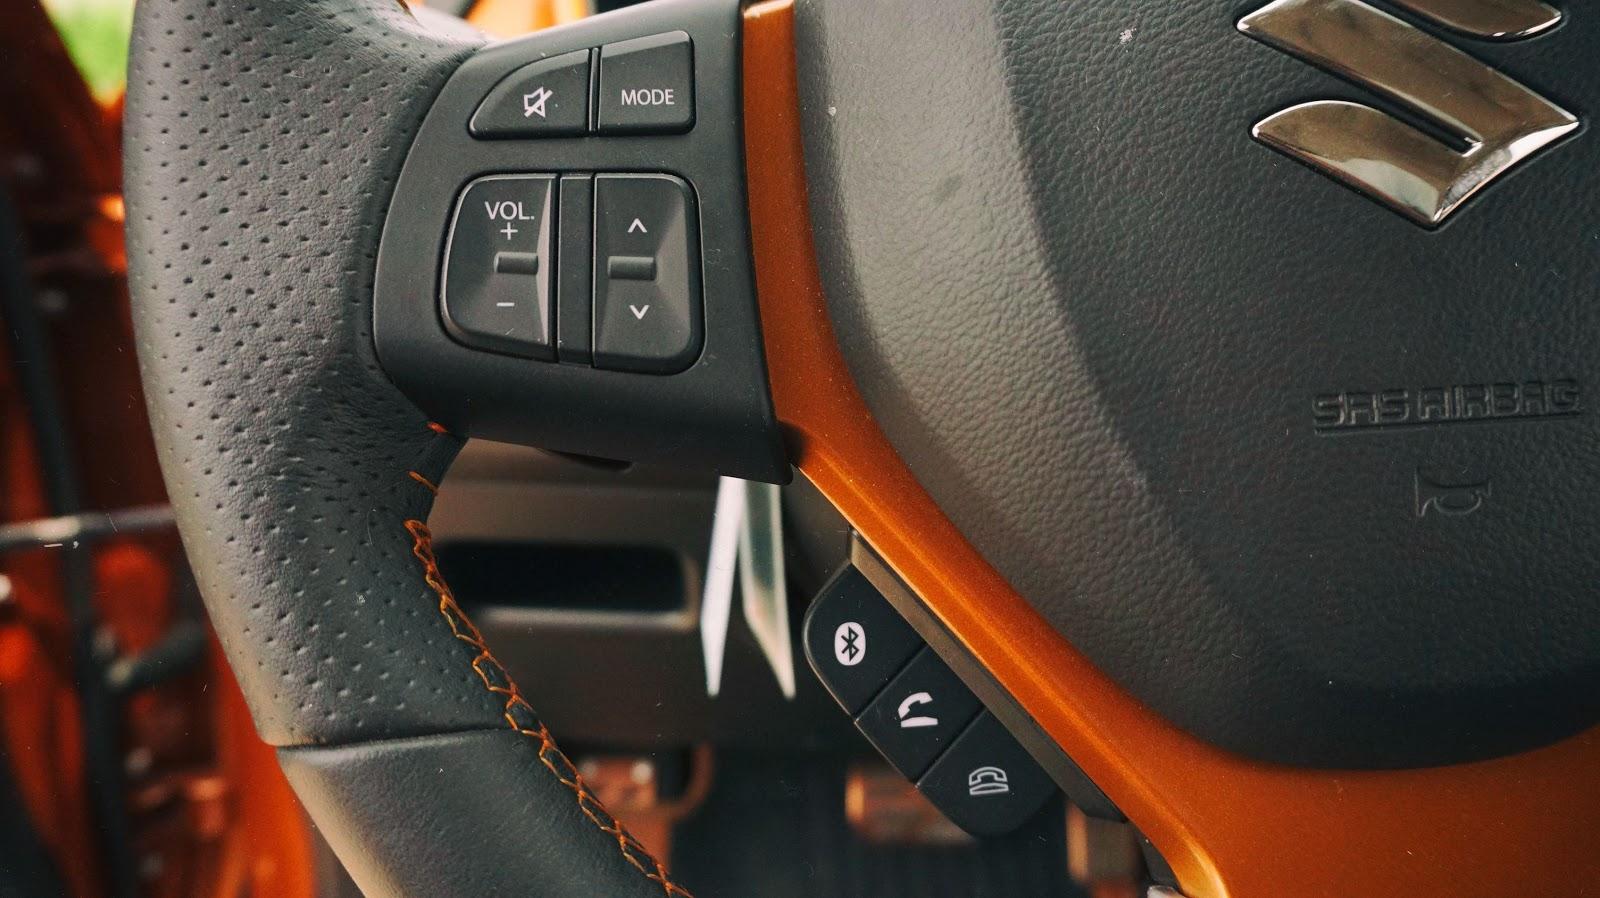 Xe được trang bị kết nối và nghe gọi điện thoại qua các nút bấm, bản cao cấp sẽ có ra lệnh bằng giọng nói